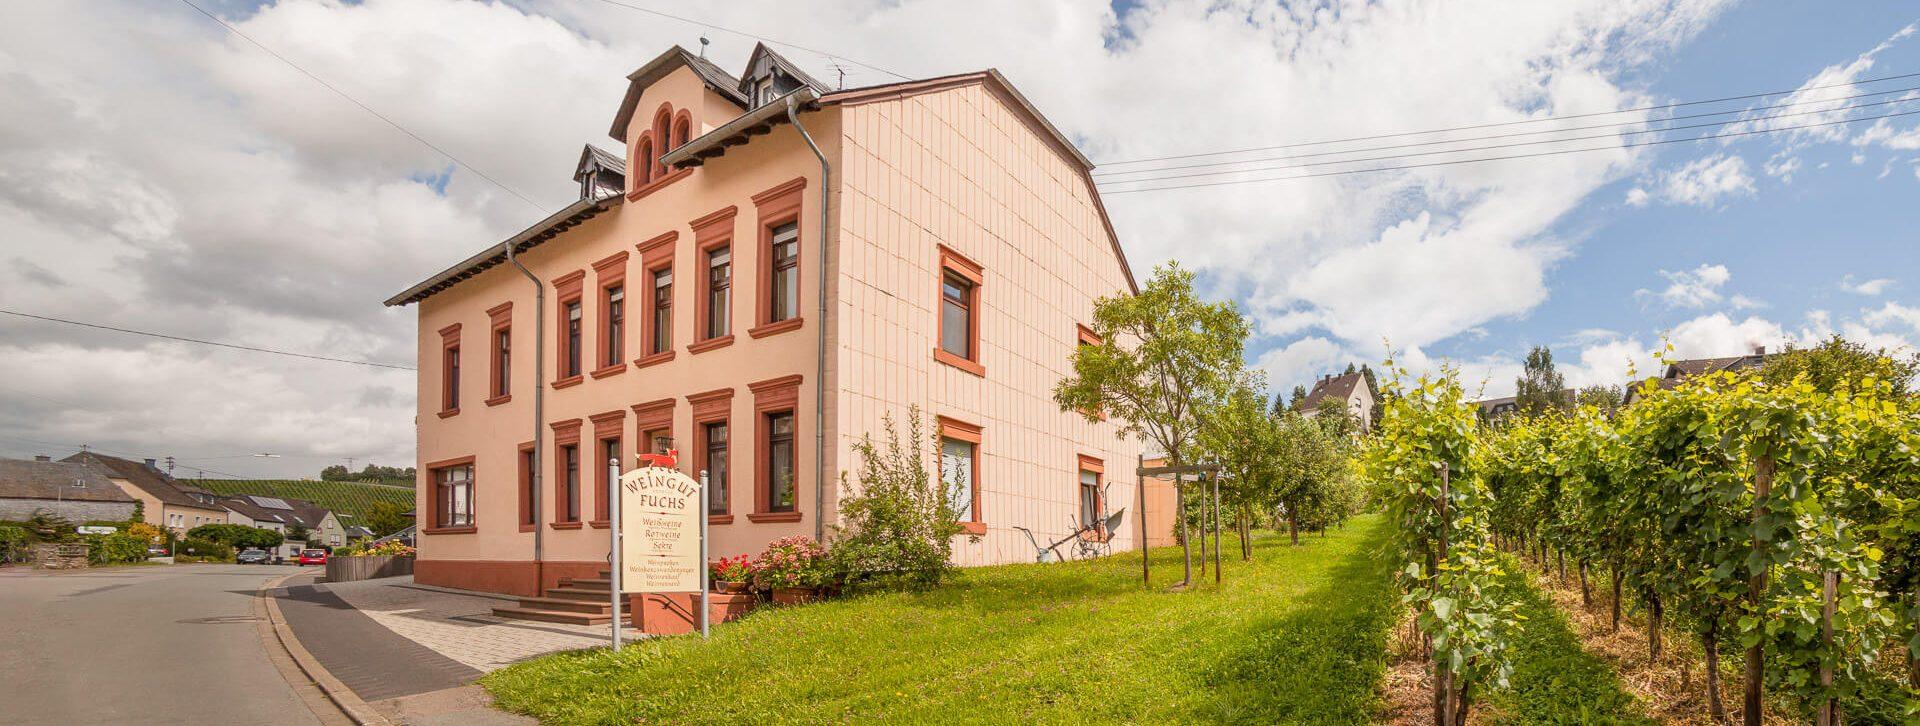 Weingut Andreas Fuchs. Wohnhaus und Probierstube.